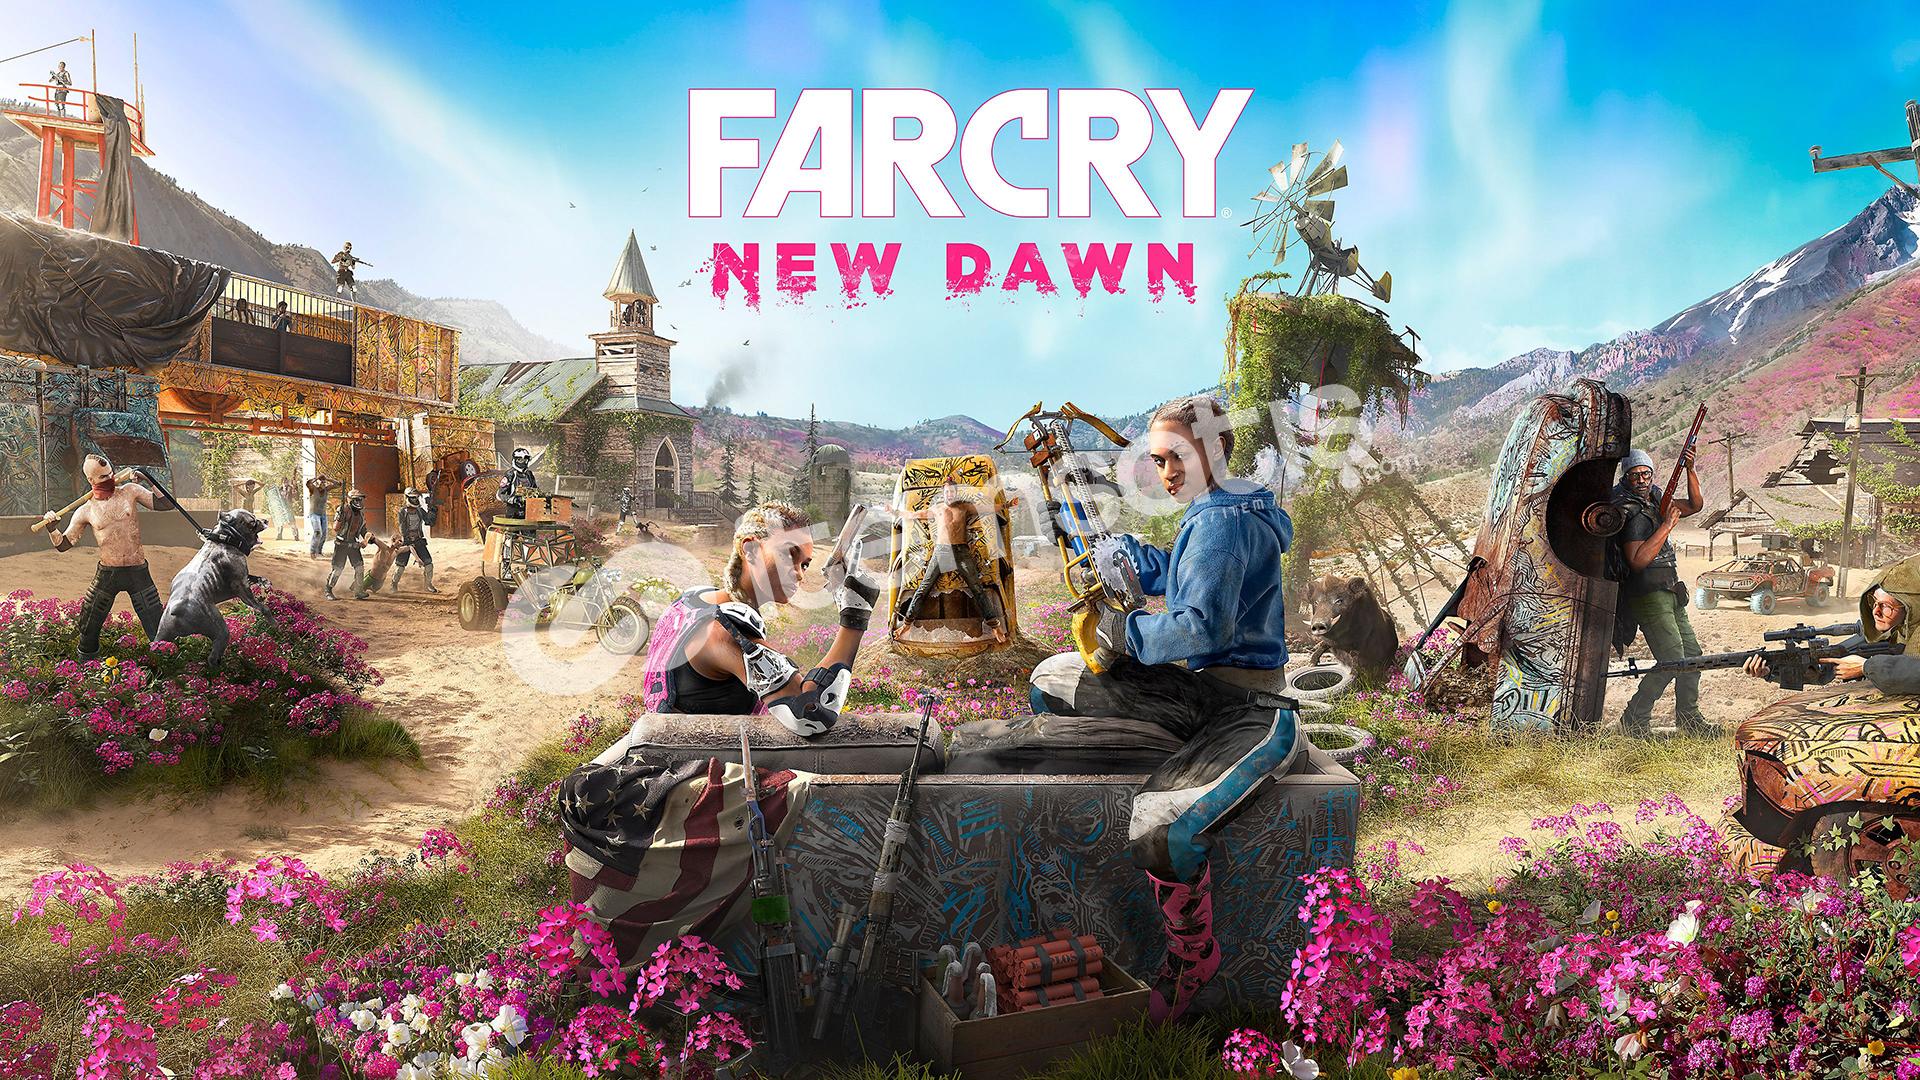 Far Cry NEW DAWN (7.99TL) GEFORCE NOW DESTEKLER